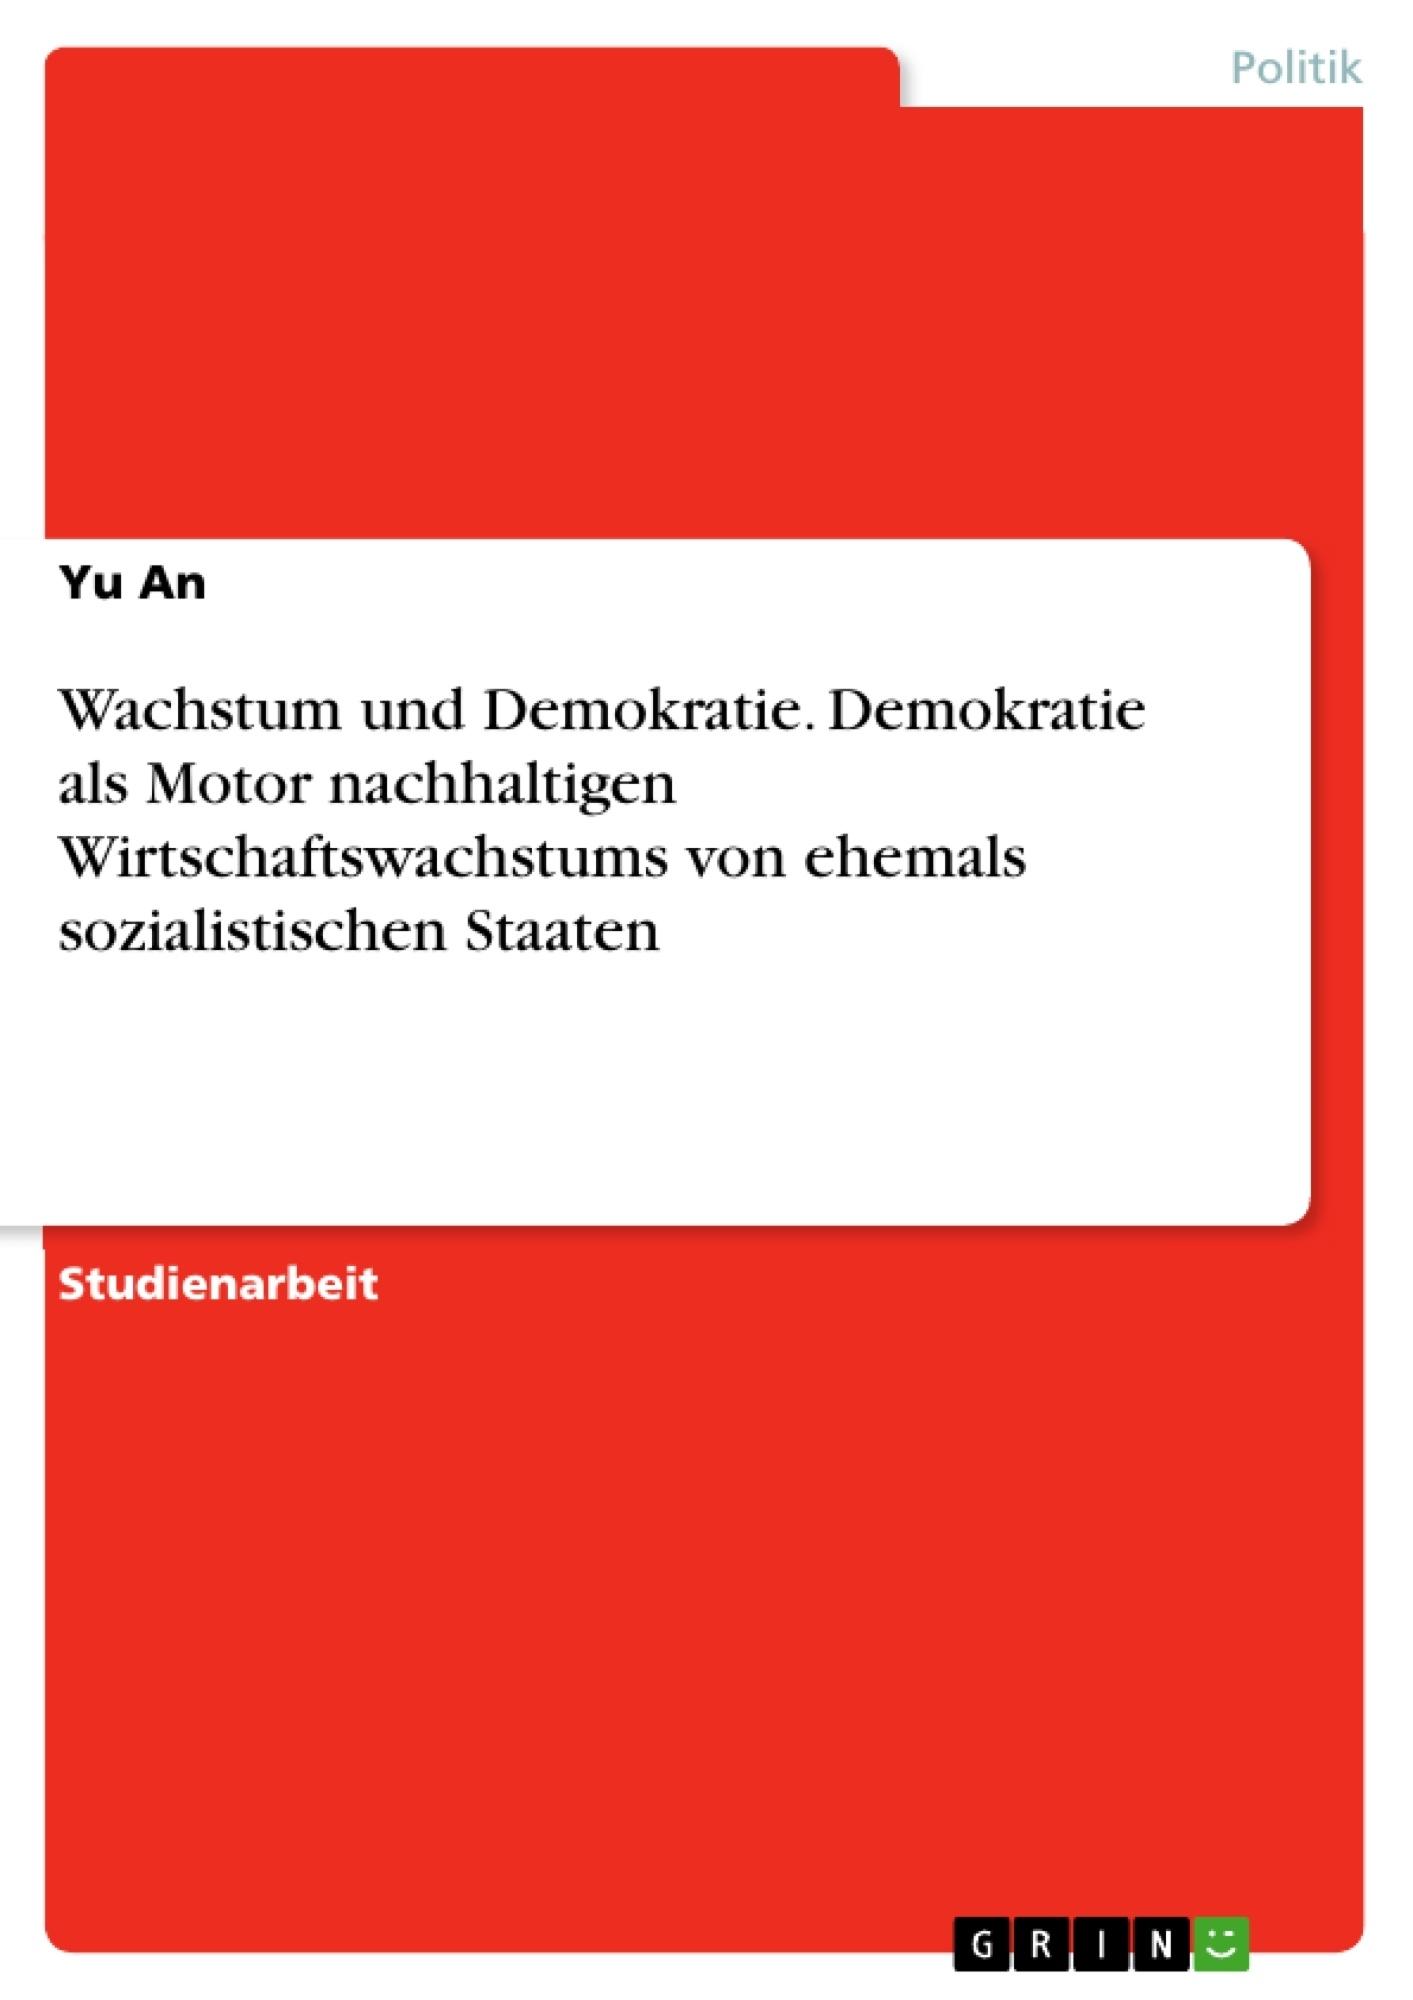 Titel: Wachstum und Demokratie. Demokratie als Motor nachhaltigen Wirtschaftswachstums von ehemals sozialistischen Staaten